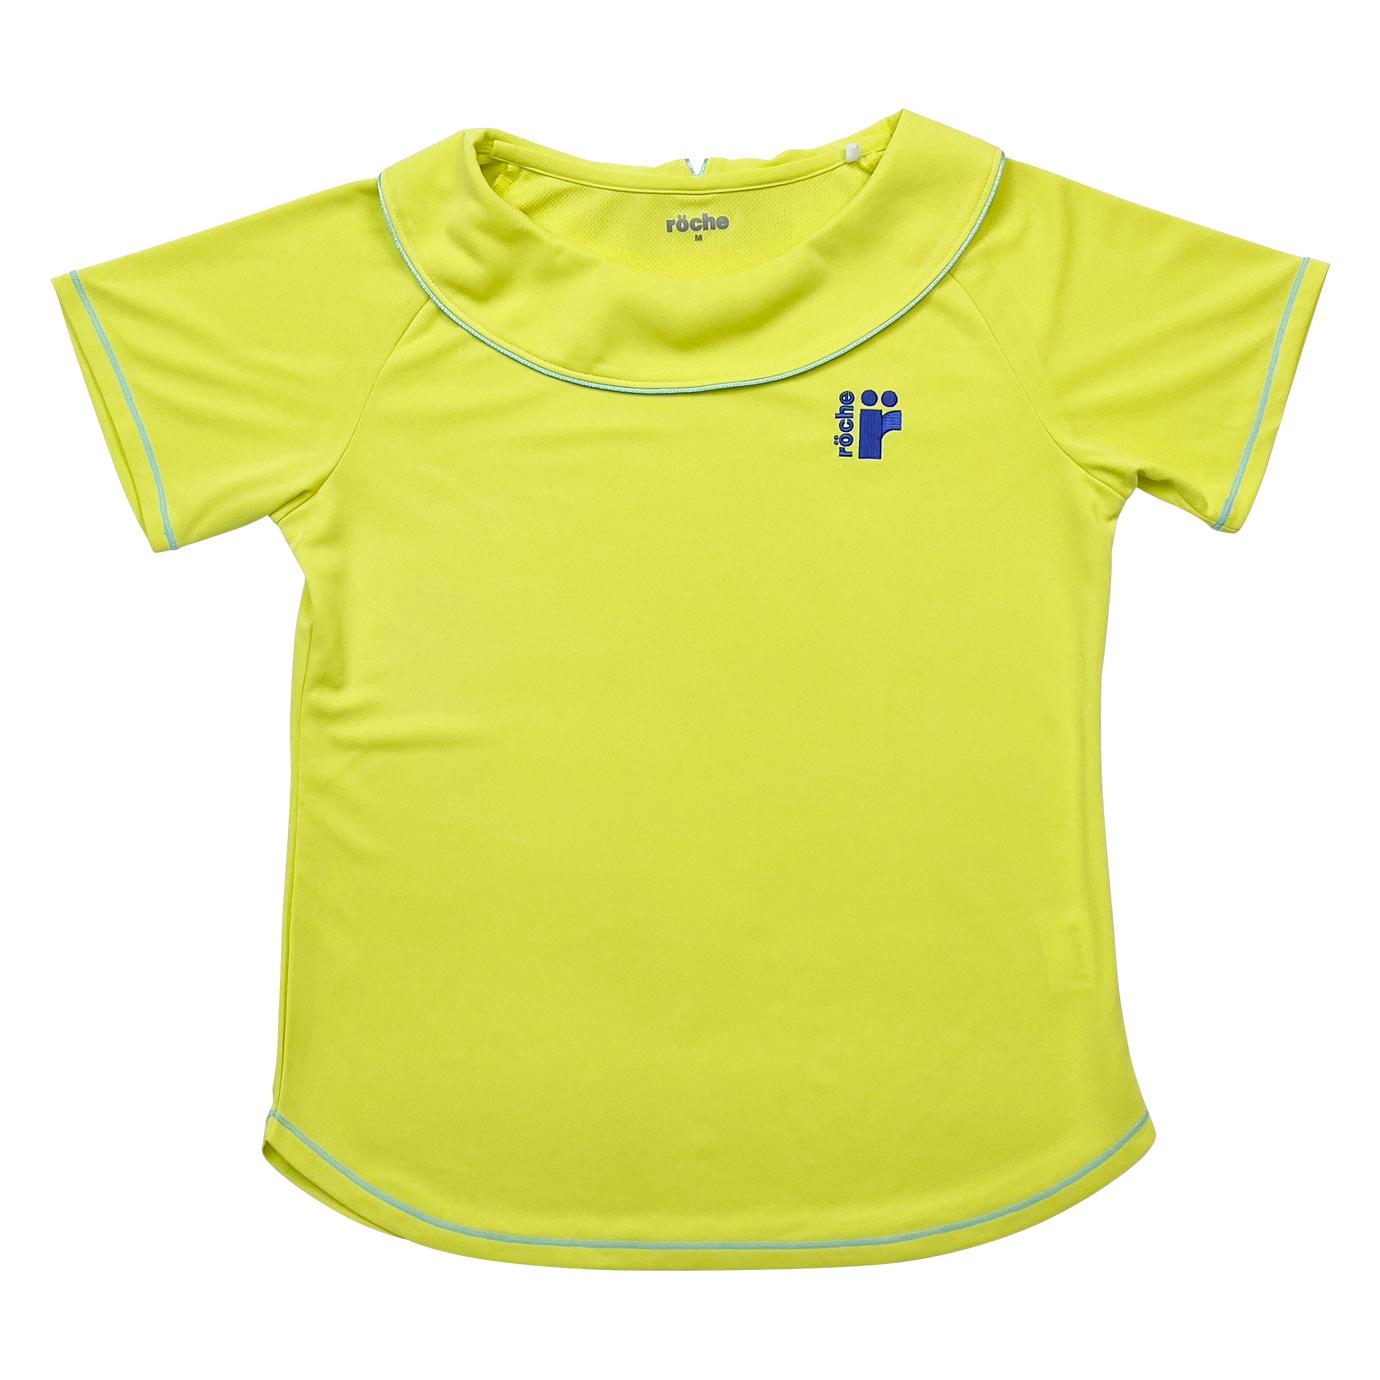 RB381レディースゲームシャツ